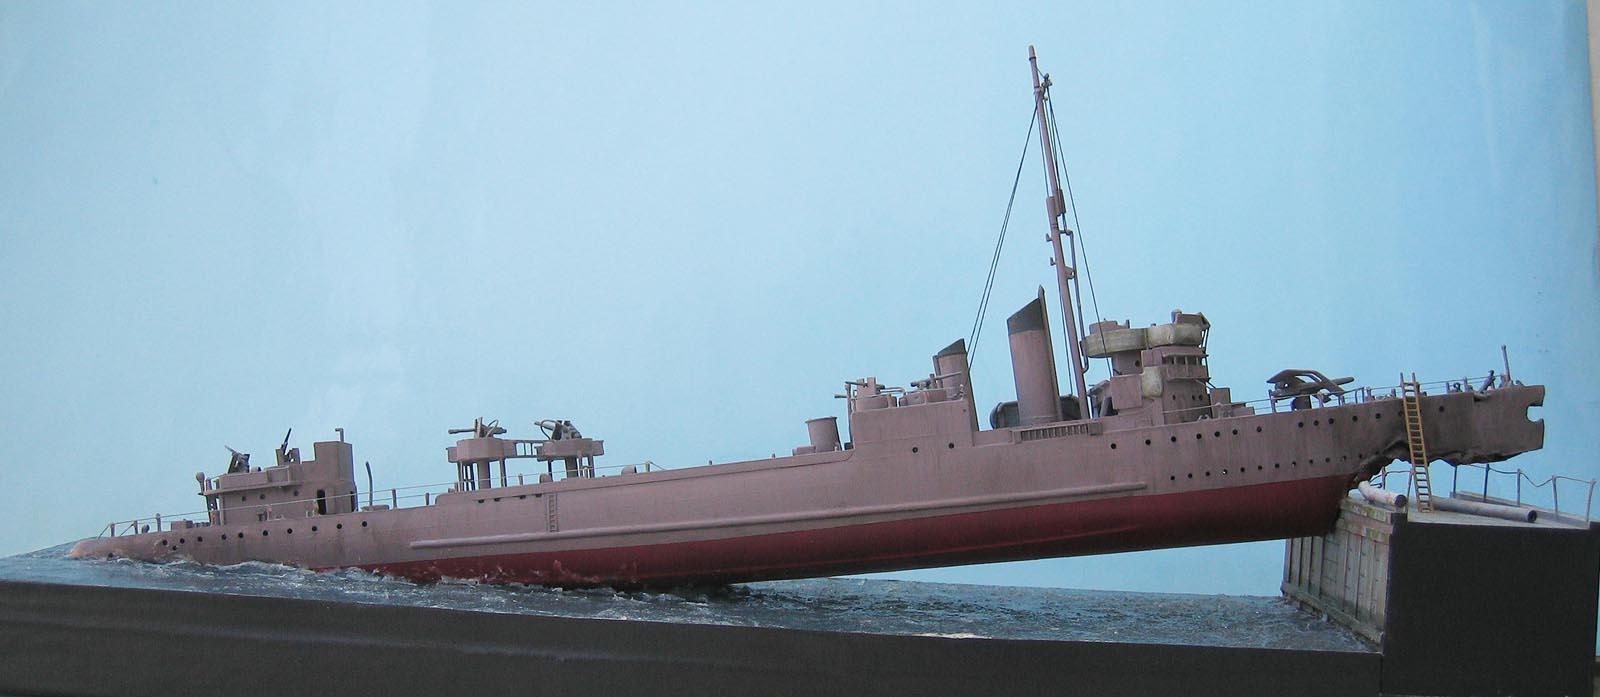 [Revell] Destroyer HMS Campbeltown - 1/240. 386150Campbel44